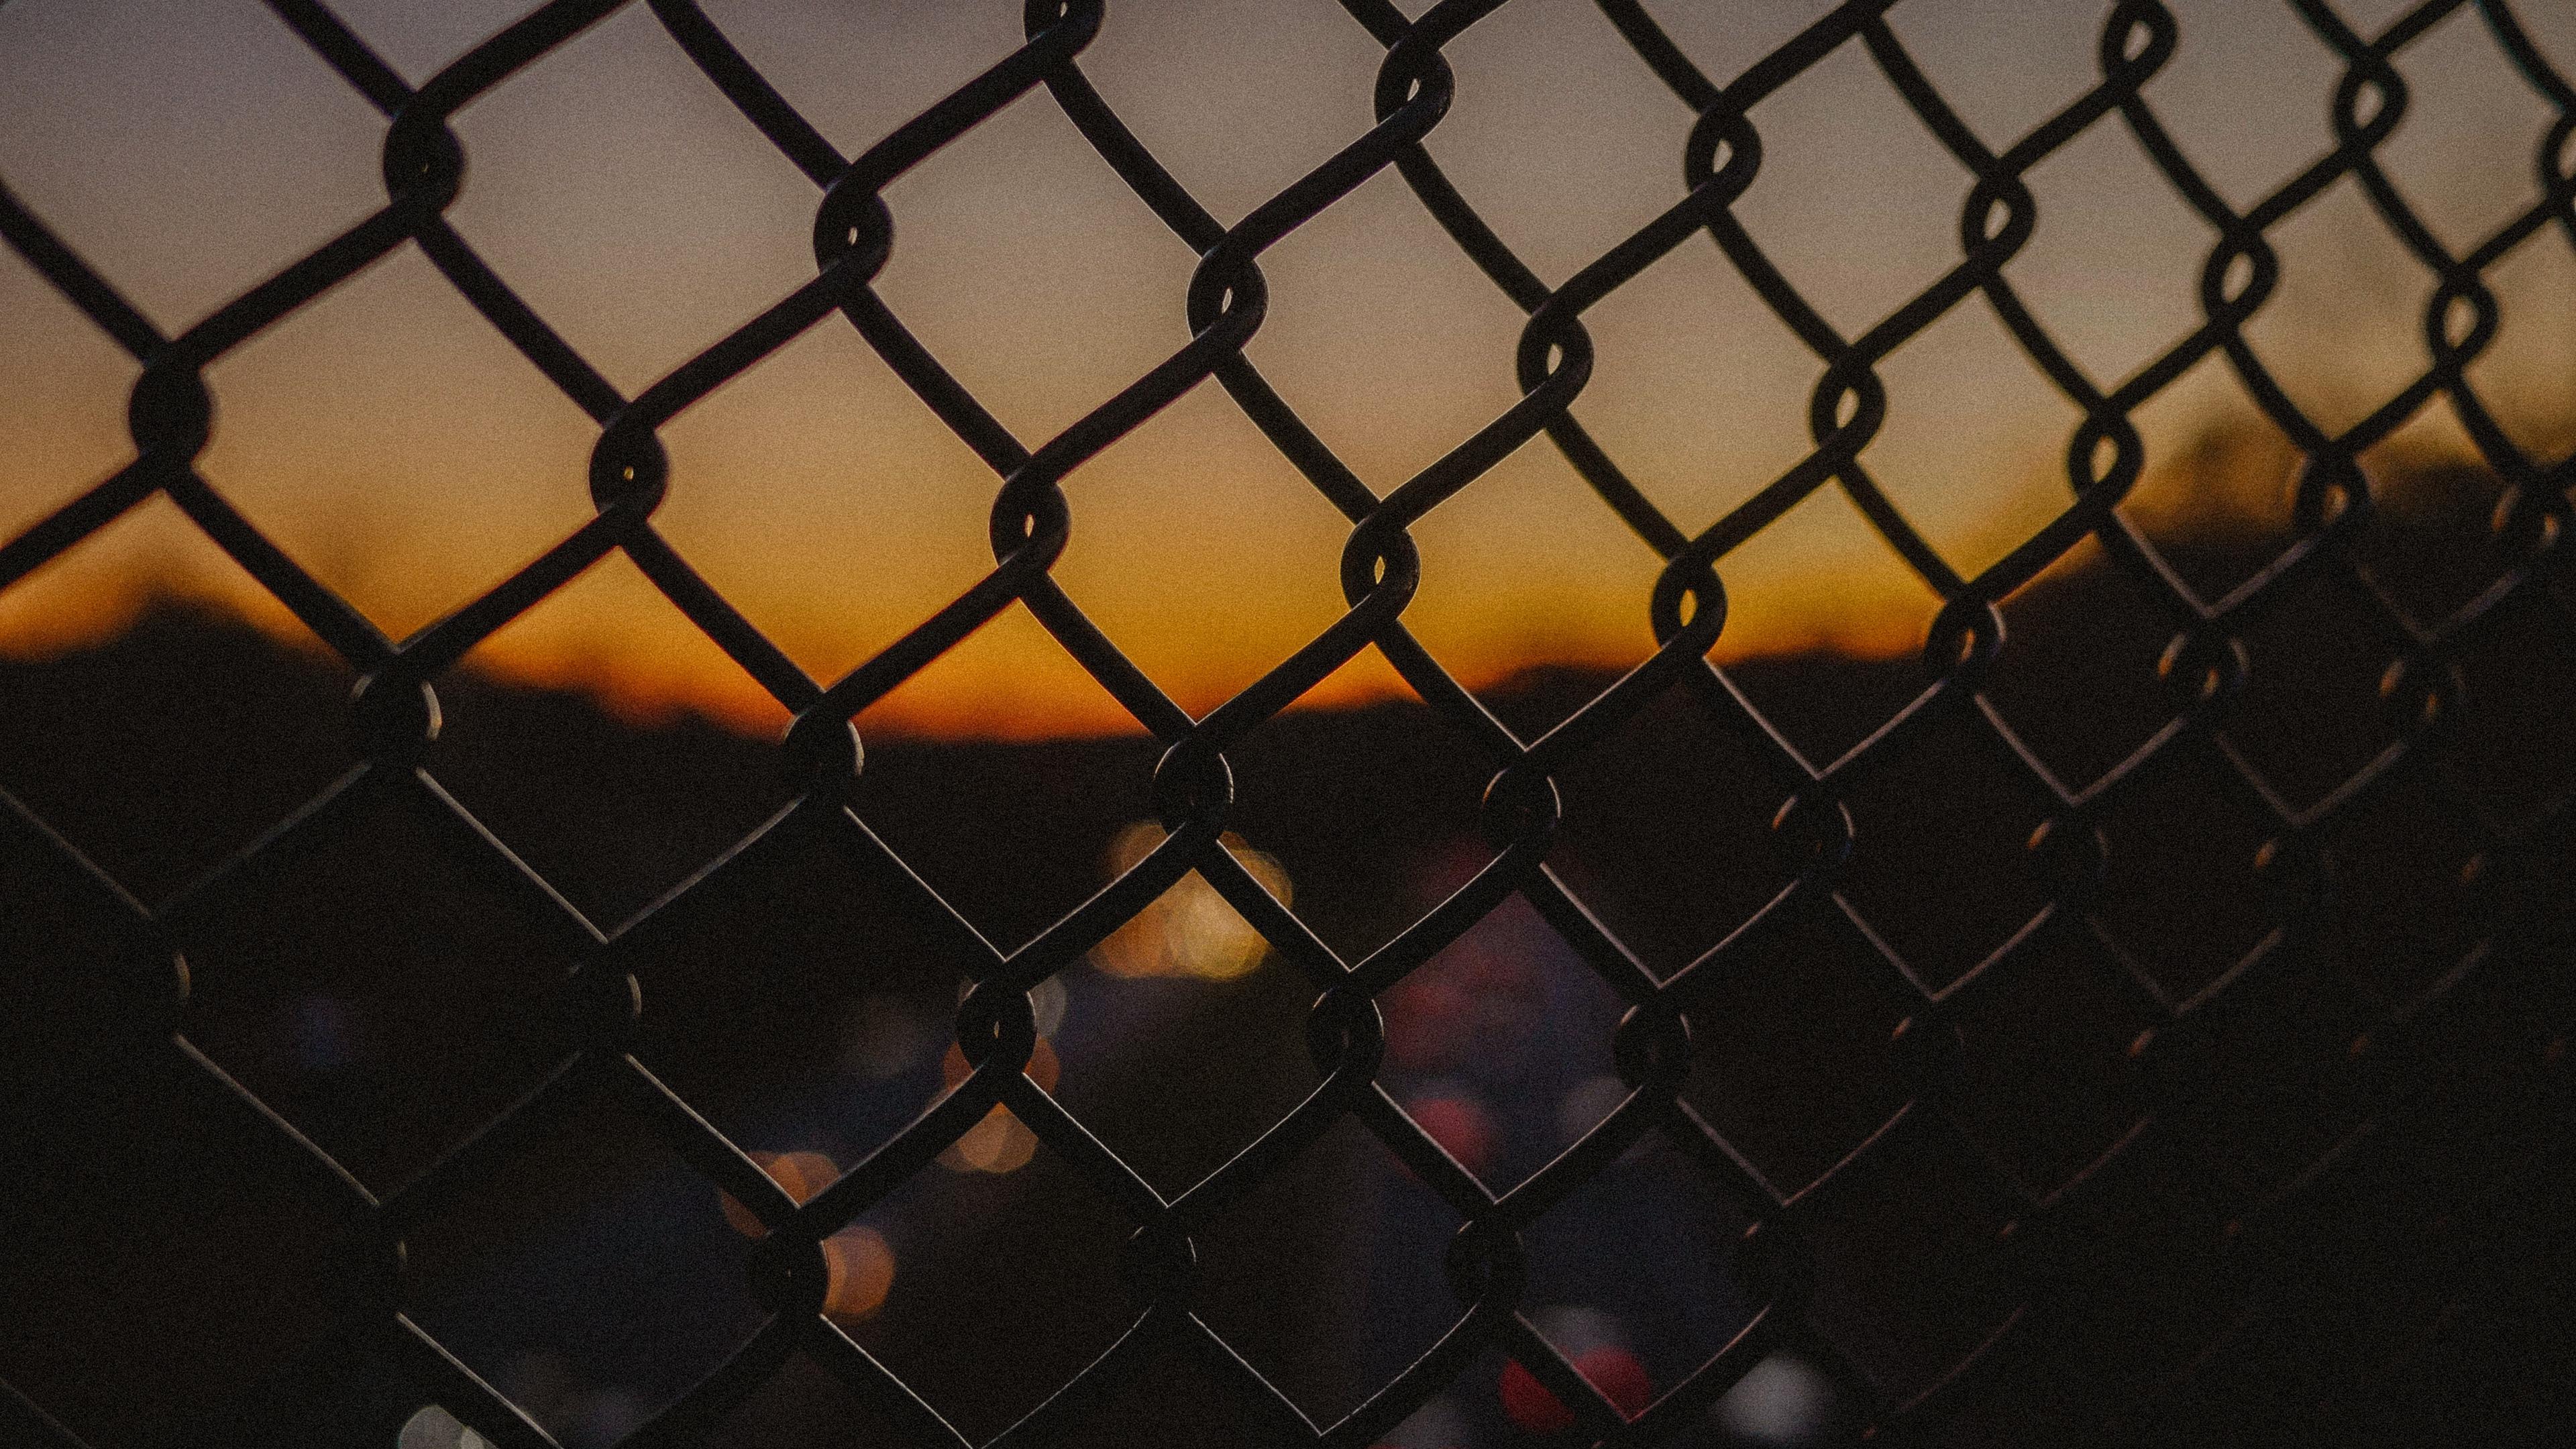 grid fence night dark 4k 1540574925 - grid, fence, night, dark 4k - Night, Grid, fence